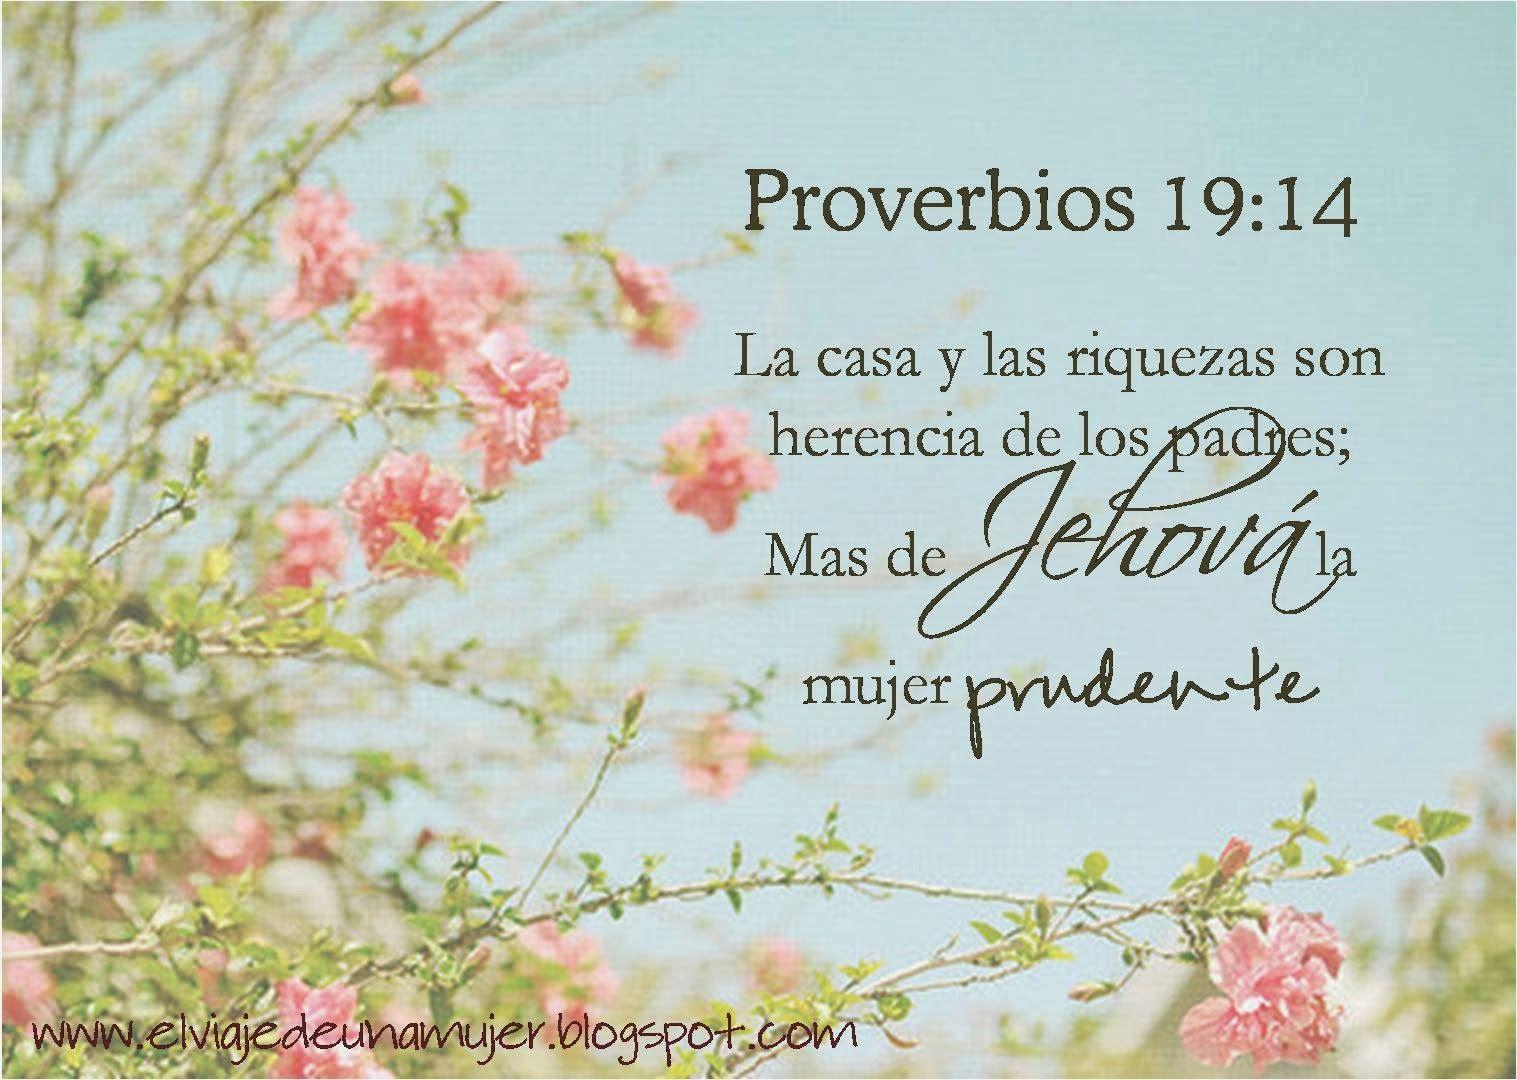 6 Características De Una Mujer Prudente El Viaje De Una Mujer Frases De La Biblia Mujer De Dios Mensajes Bíblicos